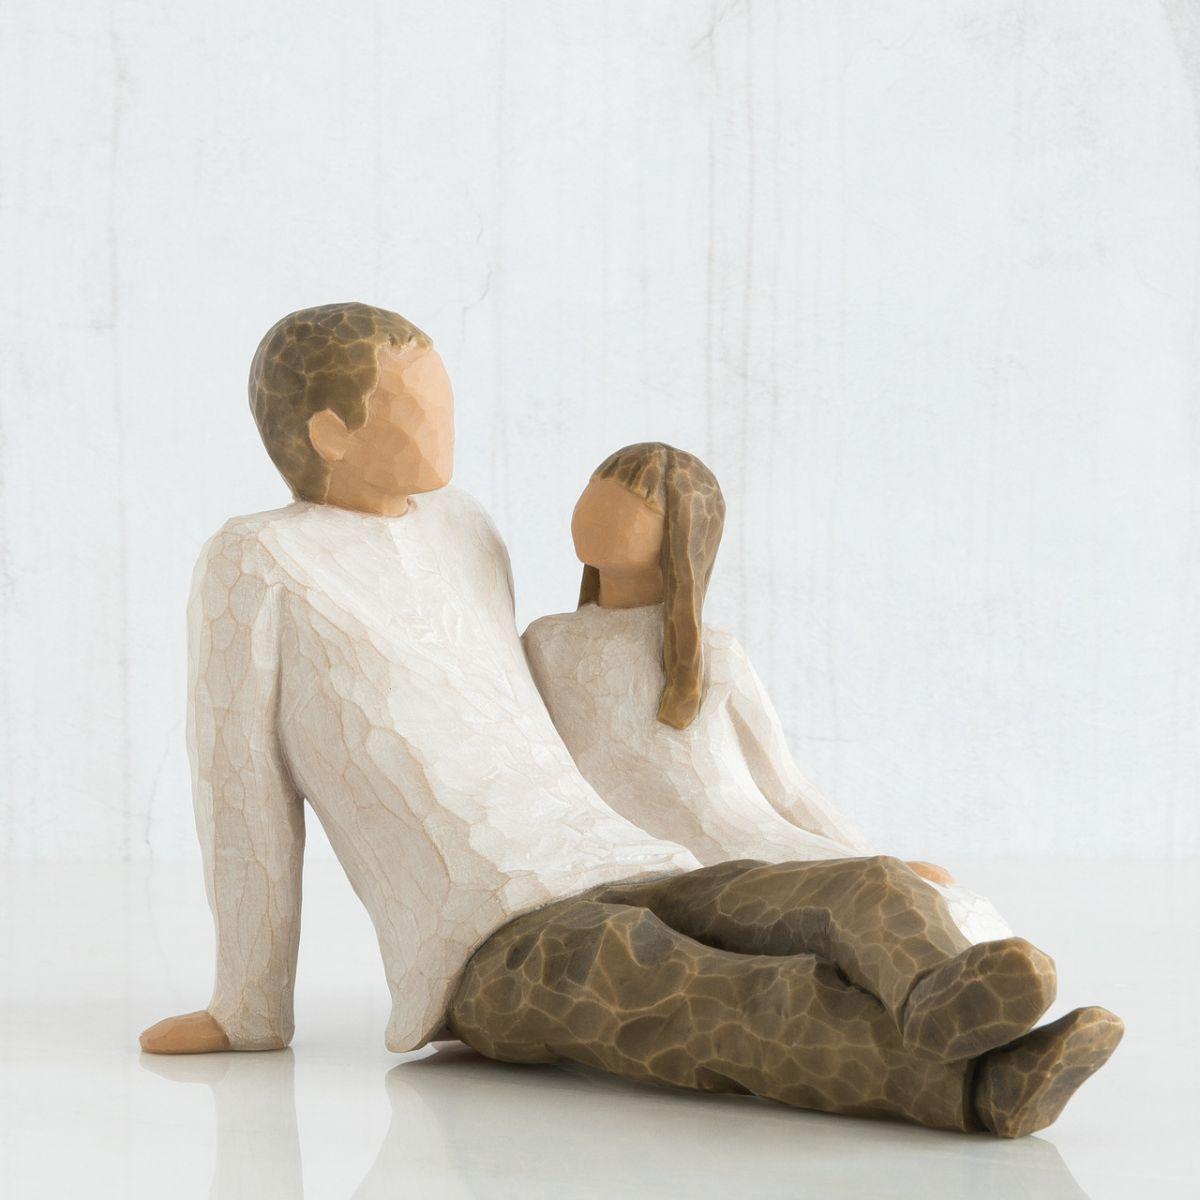 クリスマス プレゼント ウィローツリー彫像 父と娘 | 親子 ペア おしゃれな置物 大人向け フィギュア 人形 インテリア雑貨 Willow Tree Father & Daughter 正規輸入品